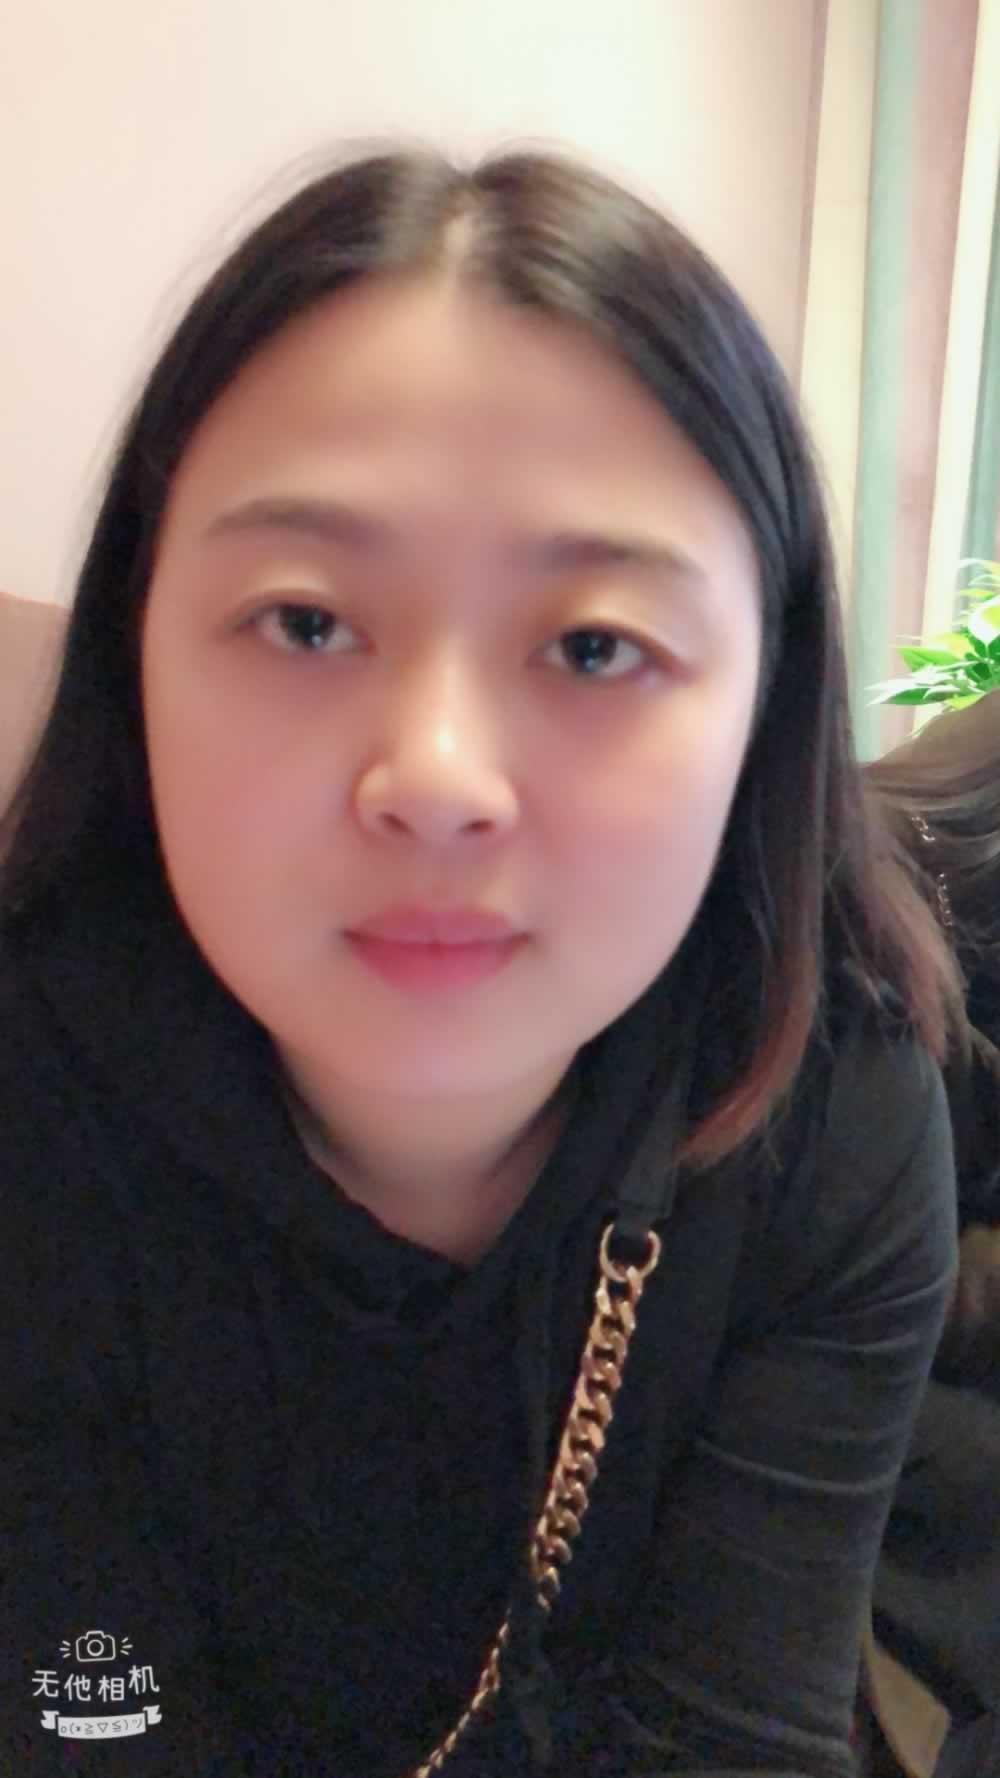 眉毛整形多少钱,我想做眼睛和眉毛,请问哪家医院做的好?我在河南